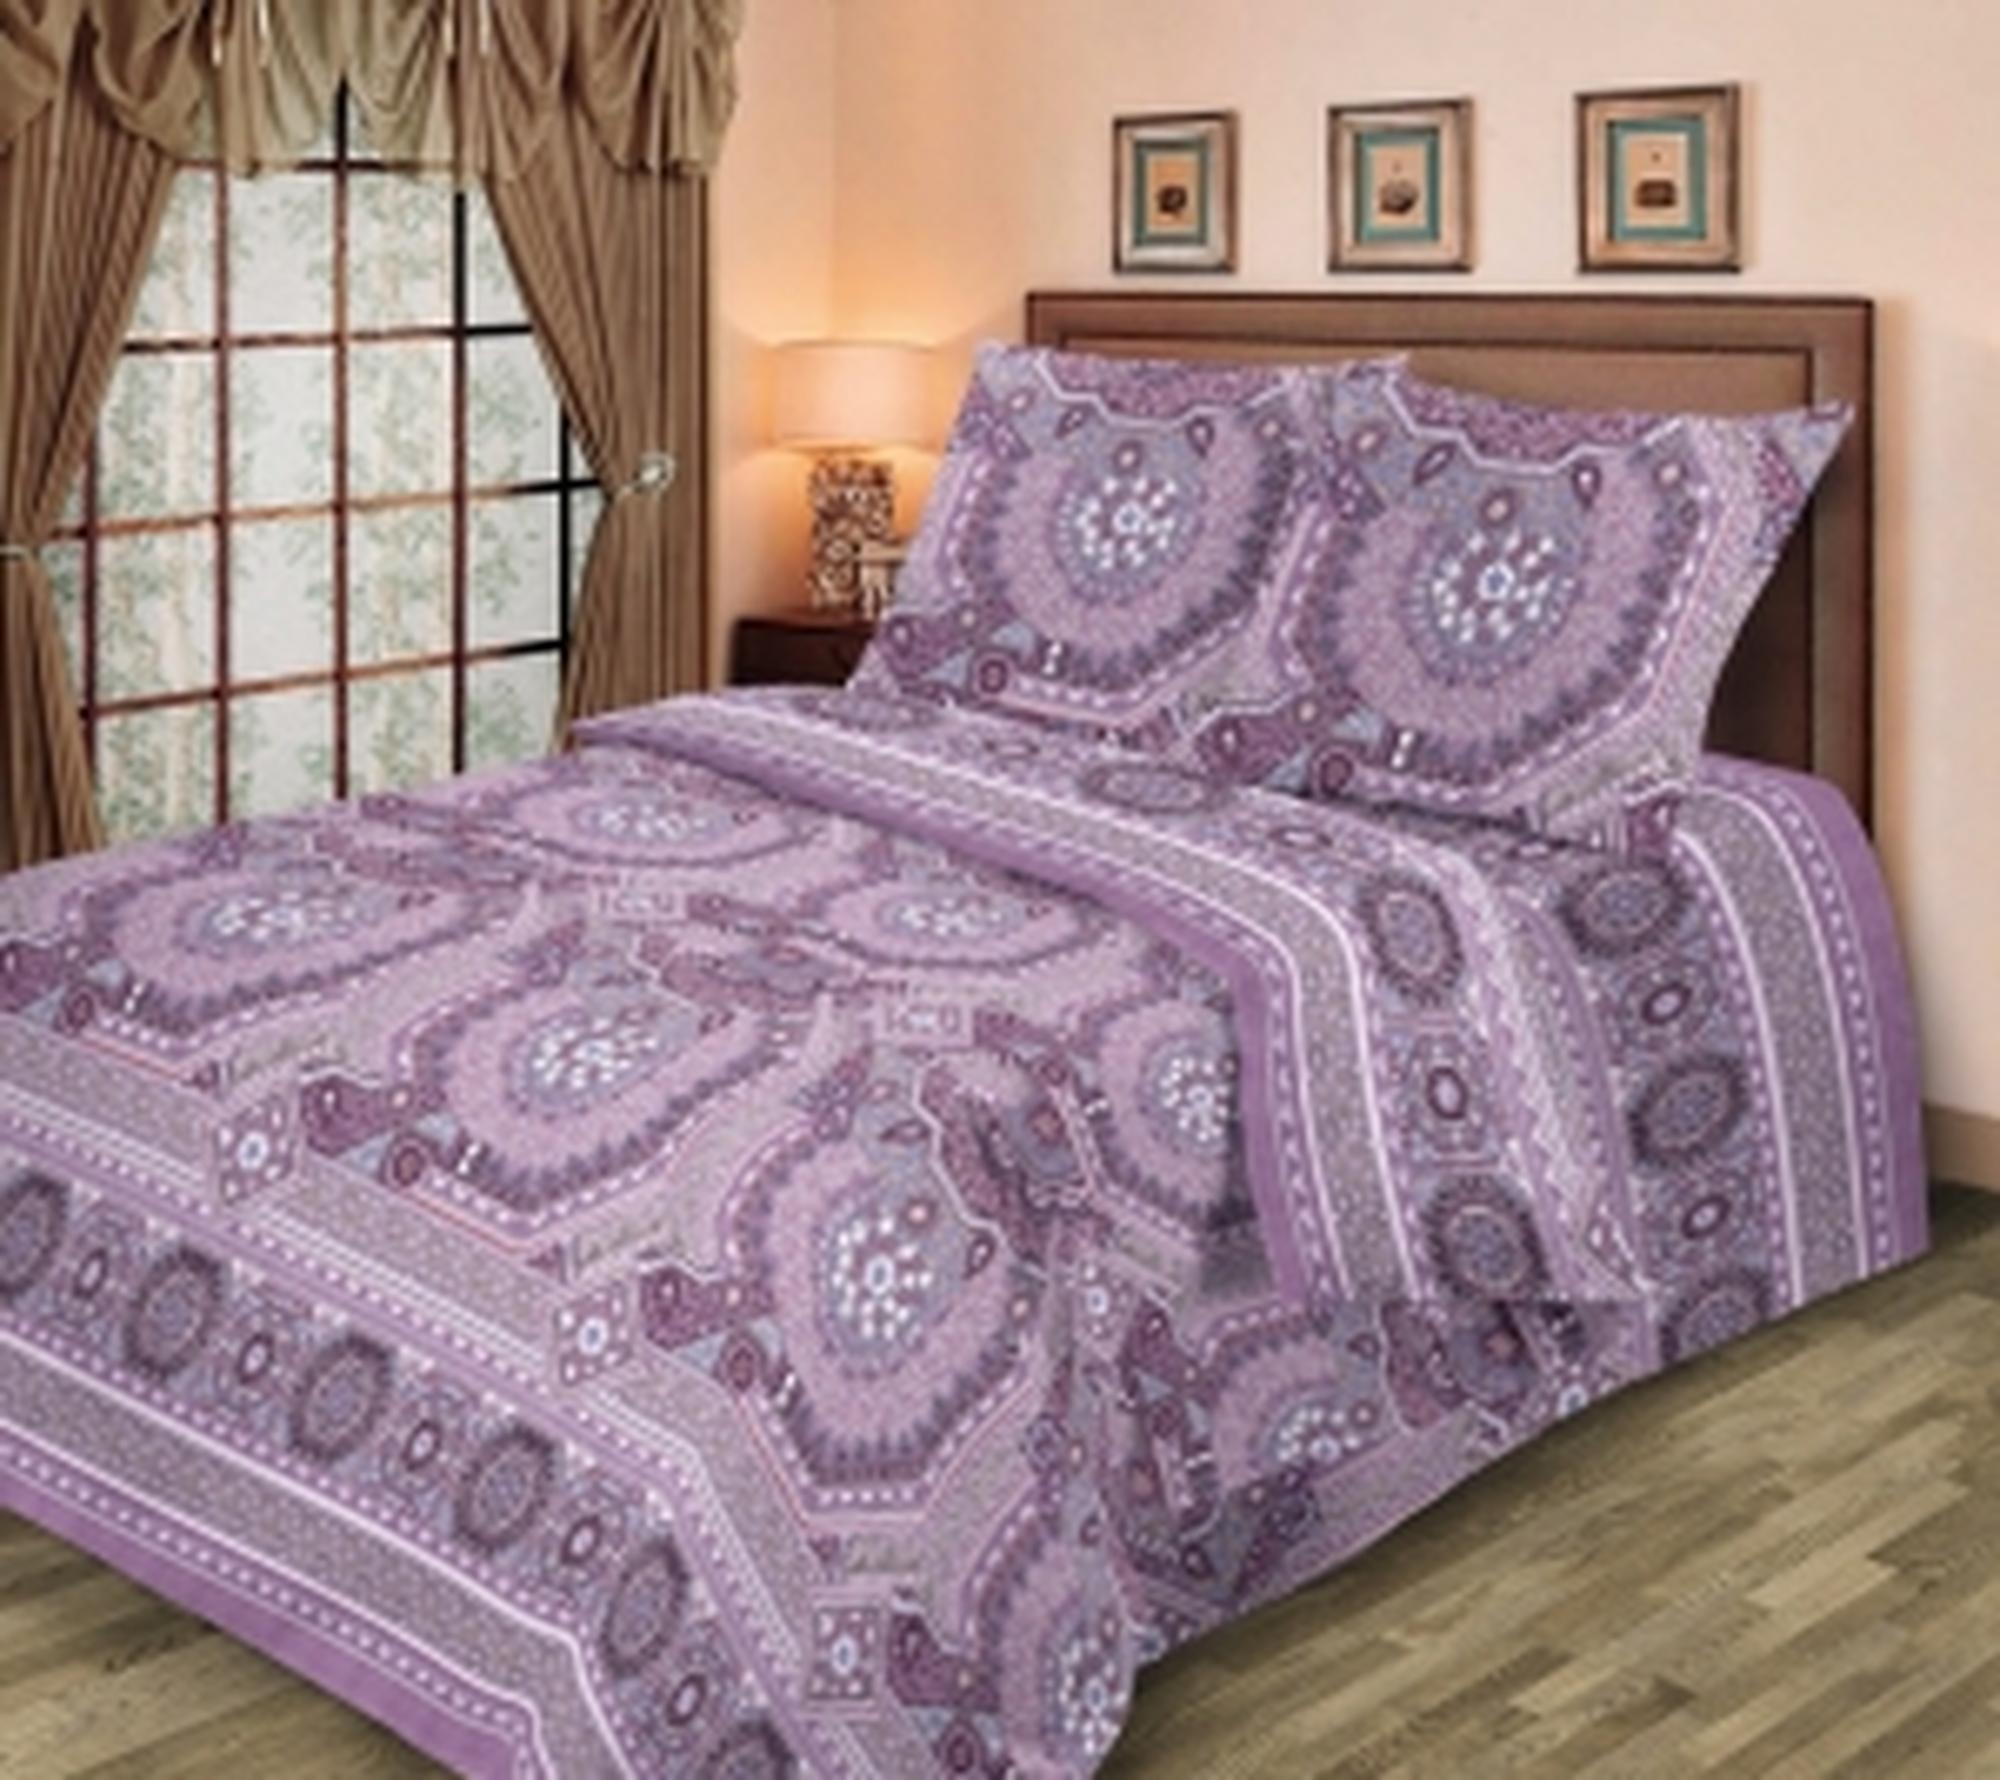 Текс Дизайн Комплект постельного белья «Баллада 3» евро, 4 предмета.